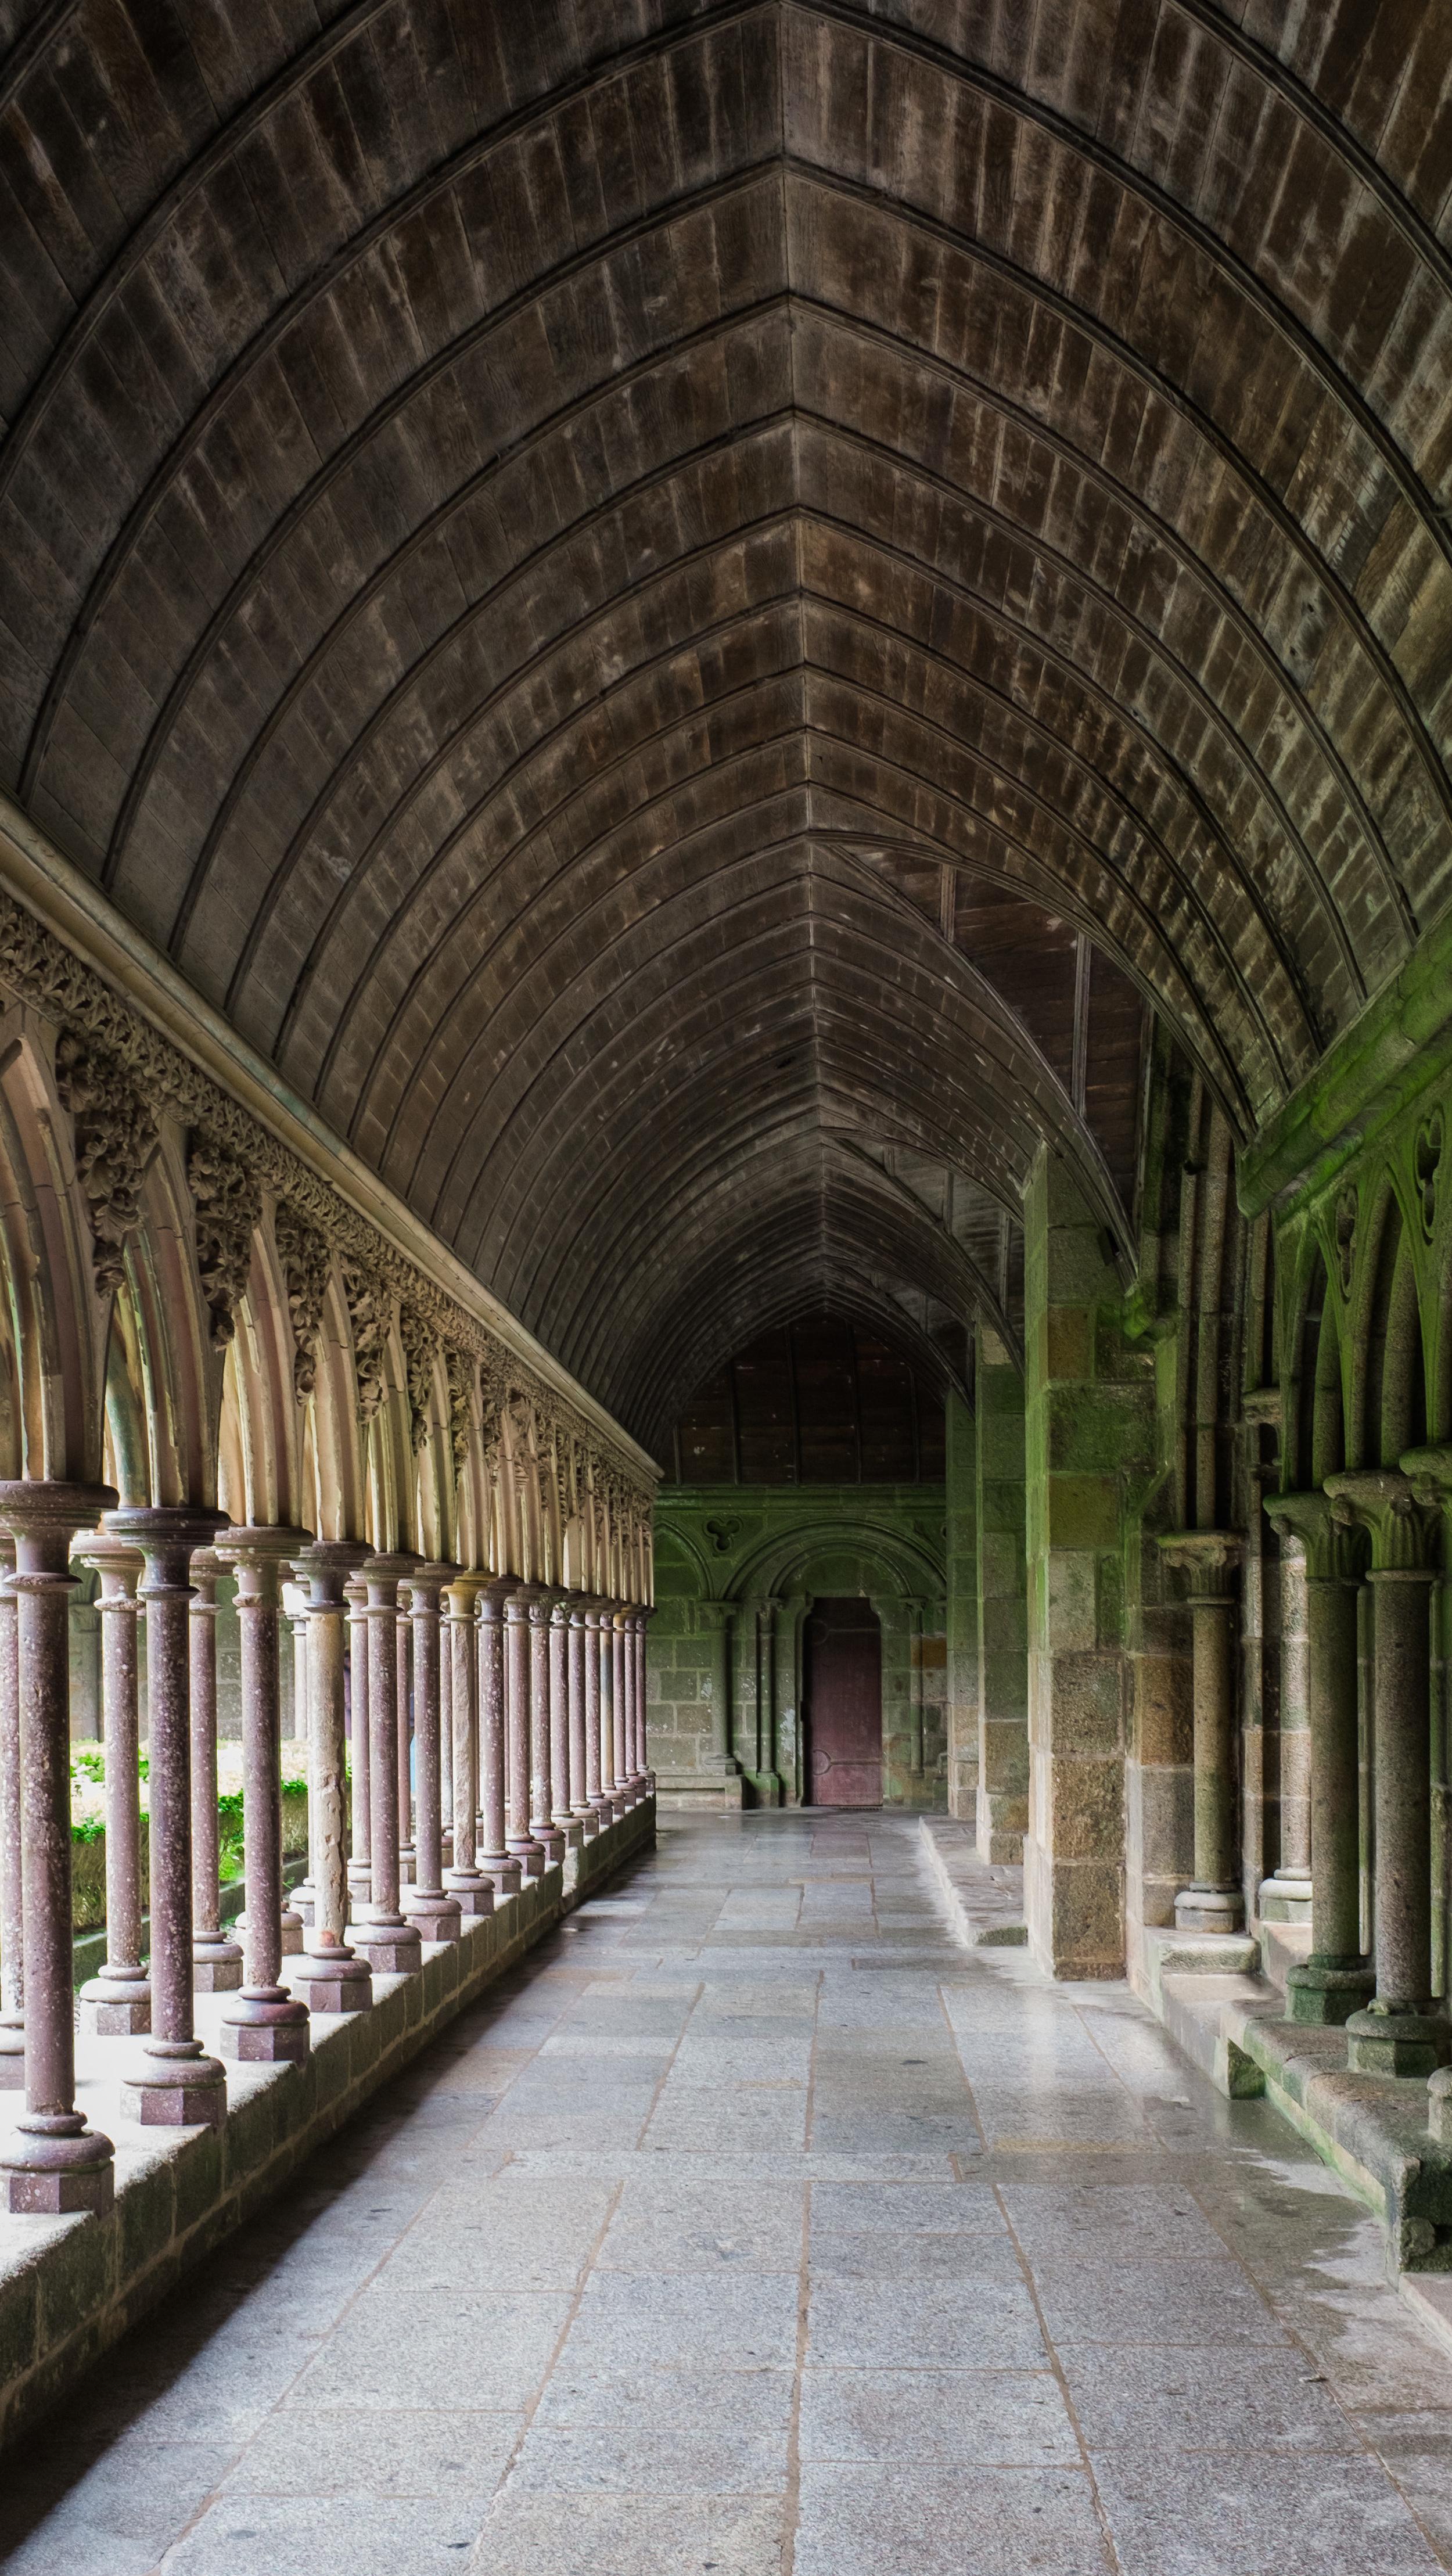 london-britian-cambridge-stmalo-mont-saint-michel-france-normandy-paris-048.jpg